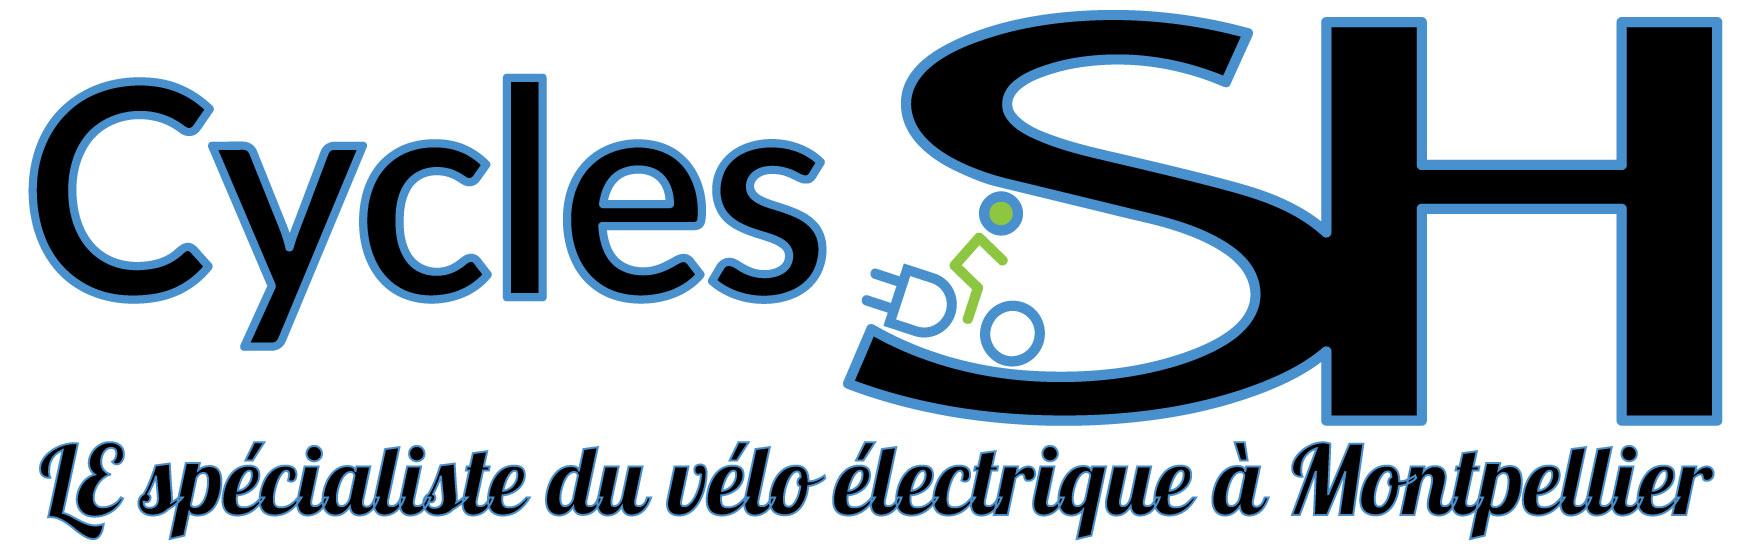 CYCLES SH